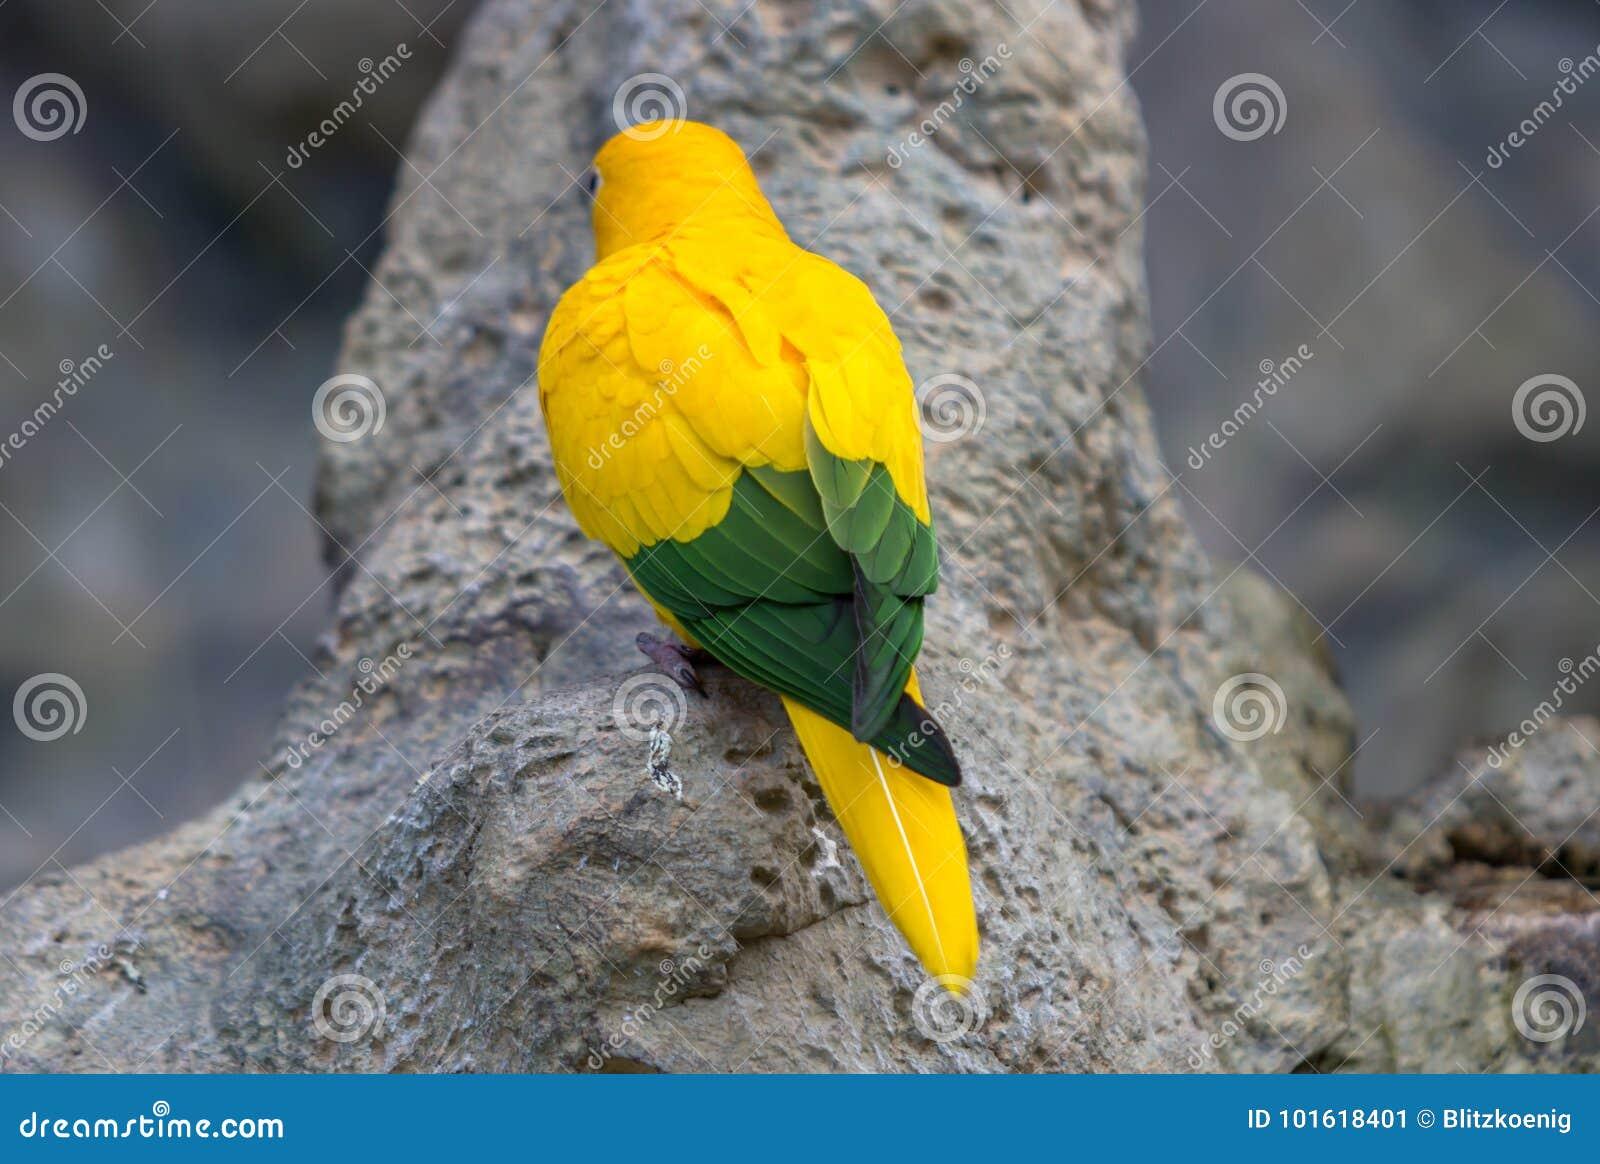 Gul kanariefågel